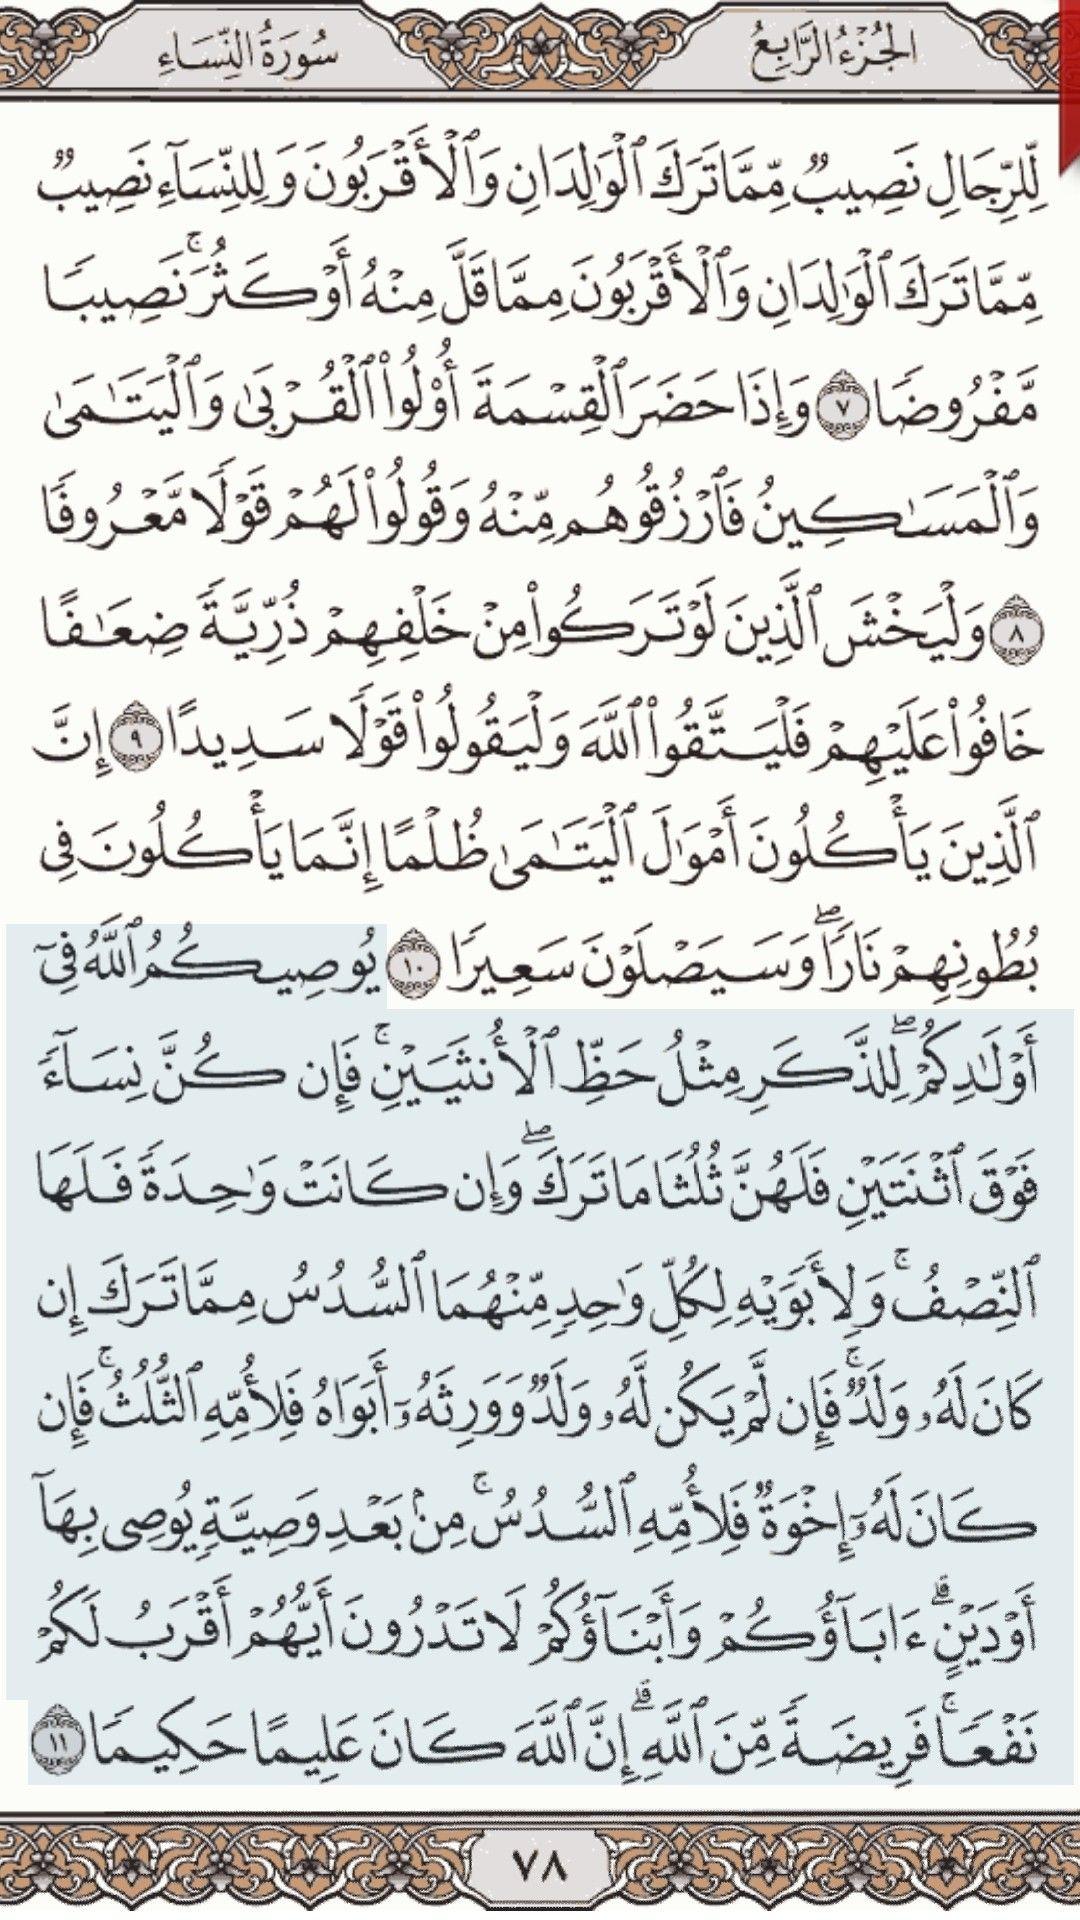 بـســم الله الــرحـمــان الــرحـيــم قال جل من قائل ت ل ك ح د ود الل ه و م ن ي ط ع الل ه و Holy Quran Book Quran Book Architecture Collection